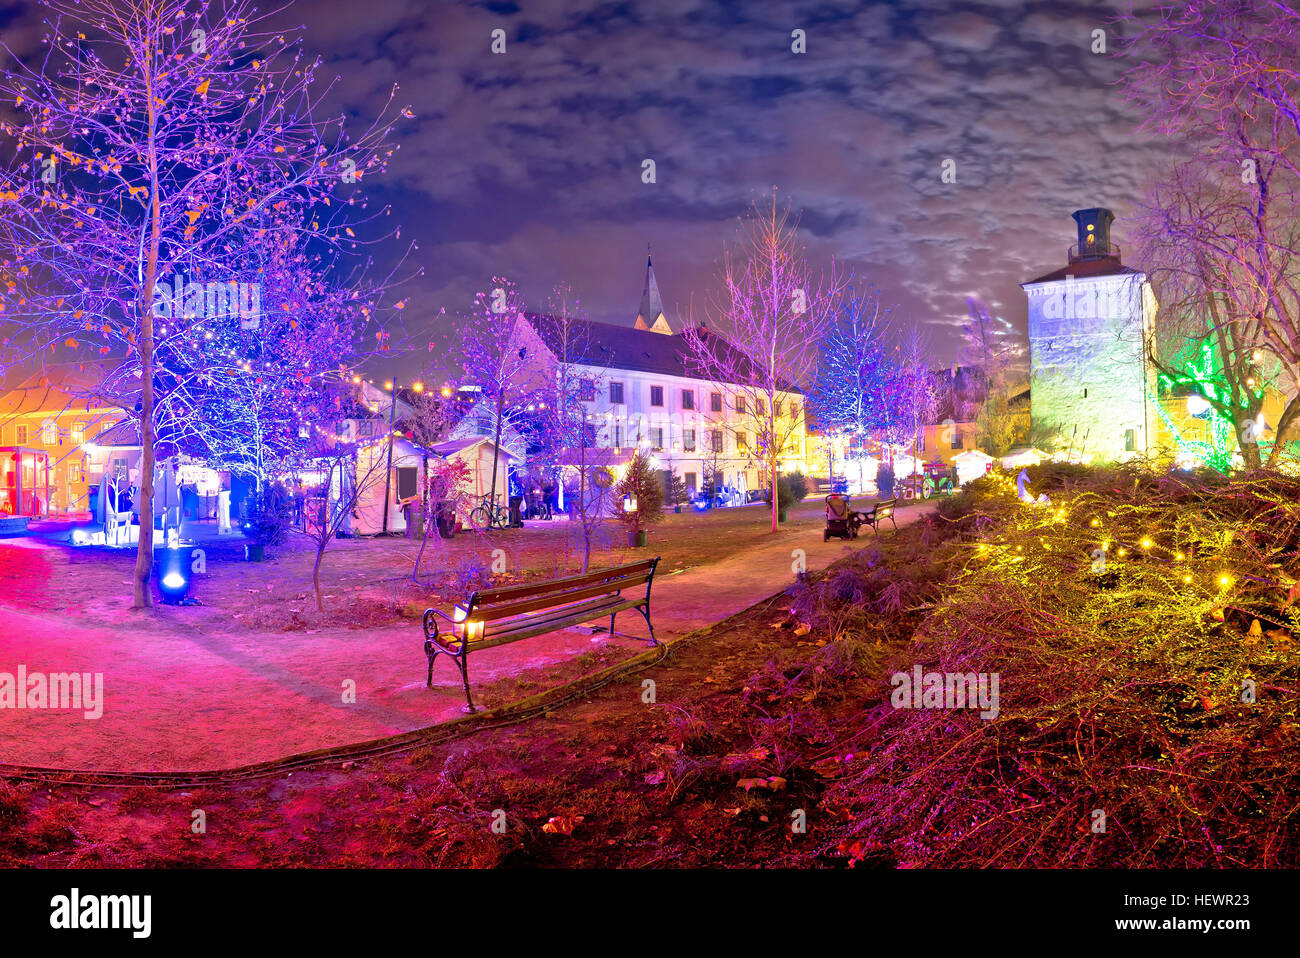 Weihnachten In Kroatien.Zagreb Oberstadt Weihnachten Abend Marktansicht Historische